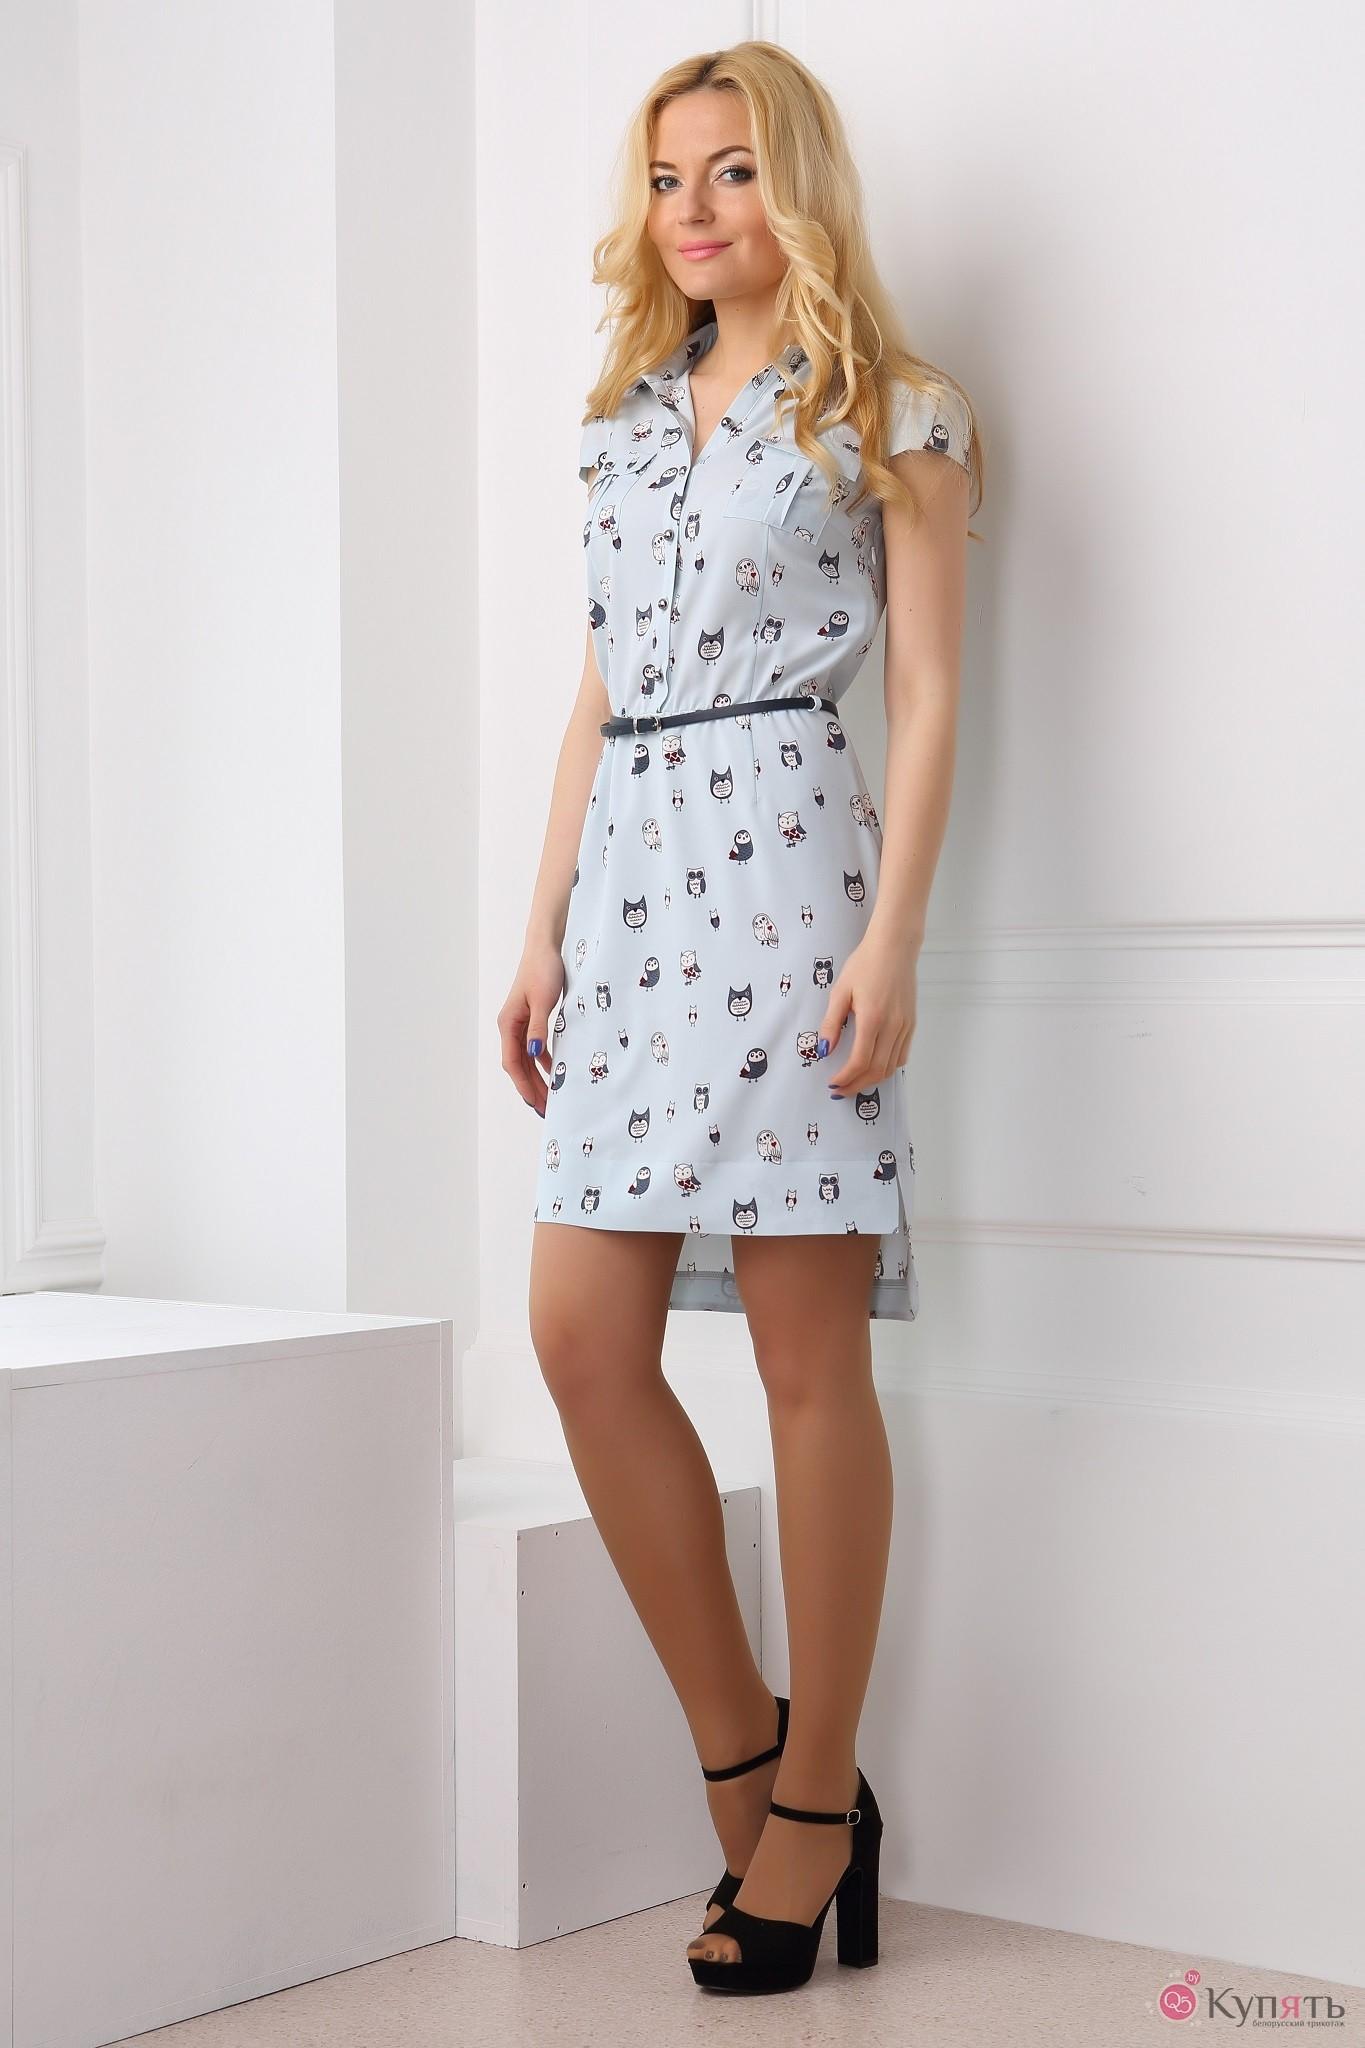 5866acc34f59 Платье Azzara 343 - интернет-магазин женской одежды   Q5.by Купять